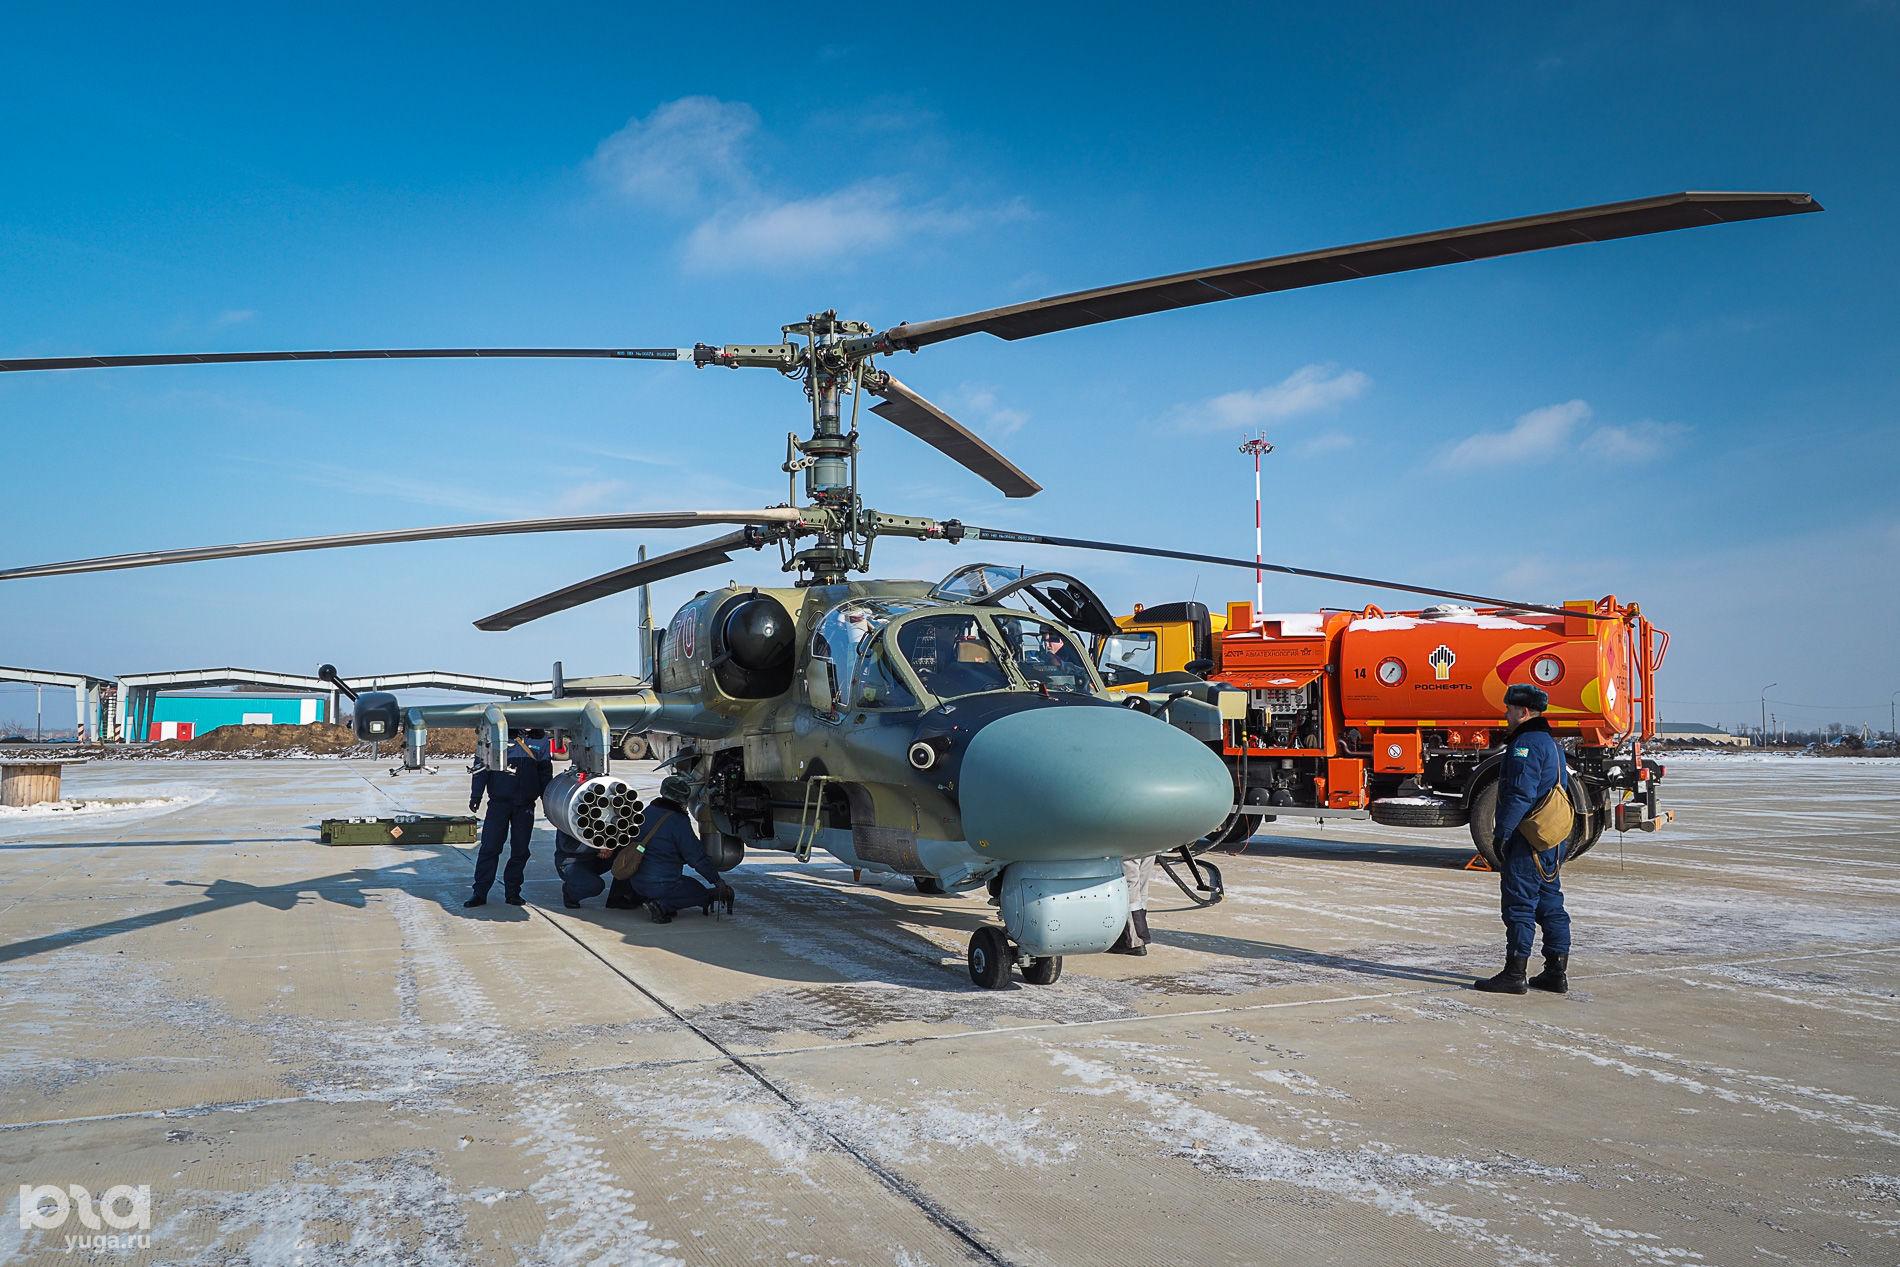 Подготовка вертолета Ка-52 «Аллигатор» к полету ©Виталий Тимкив, Юга.ру